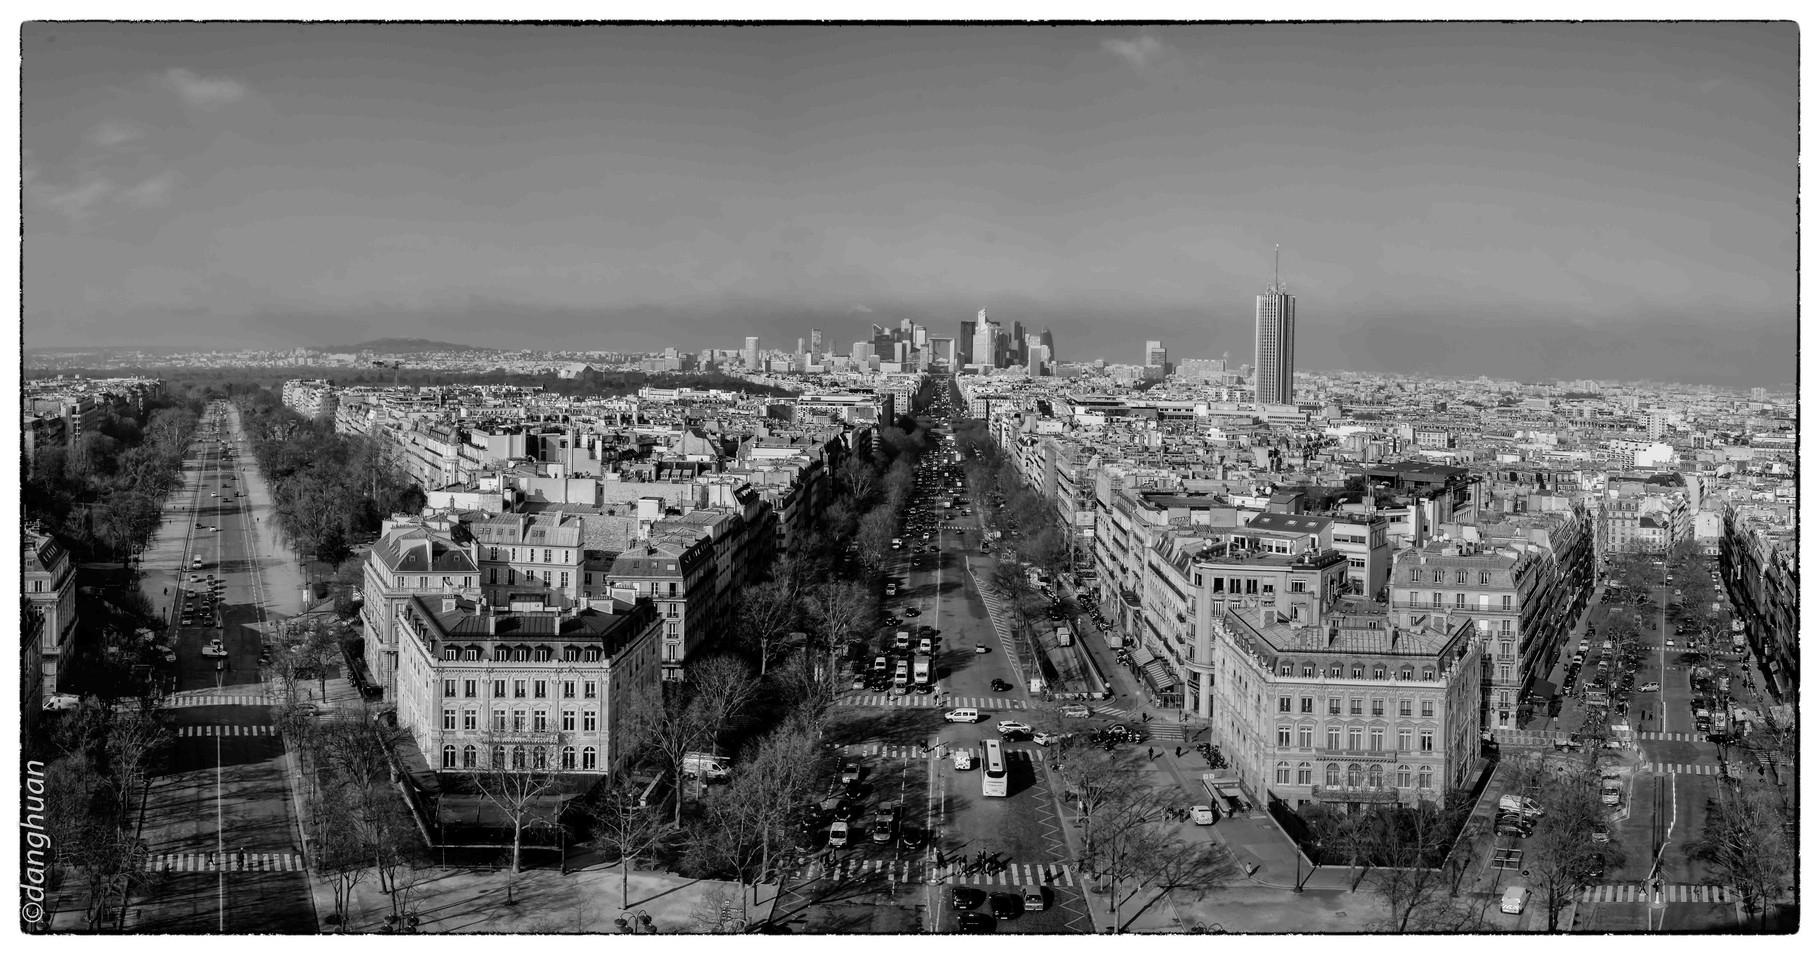 La Défense vue depuis le sommet de l'Arc de Triomphe